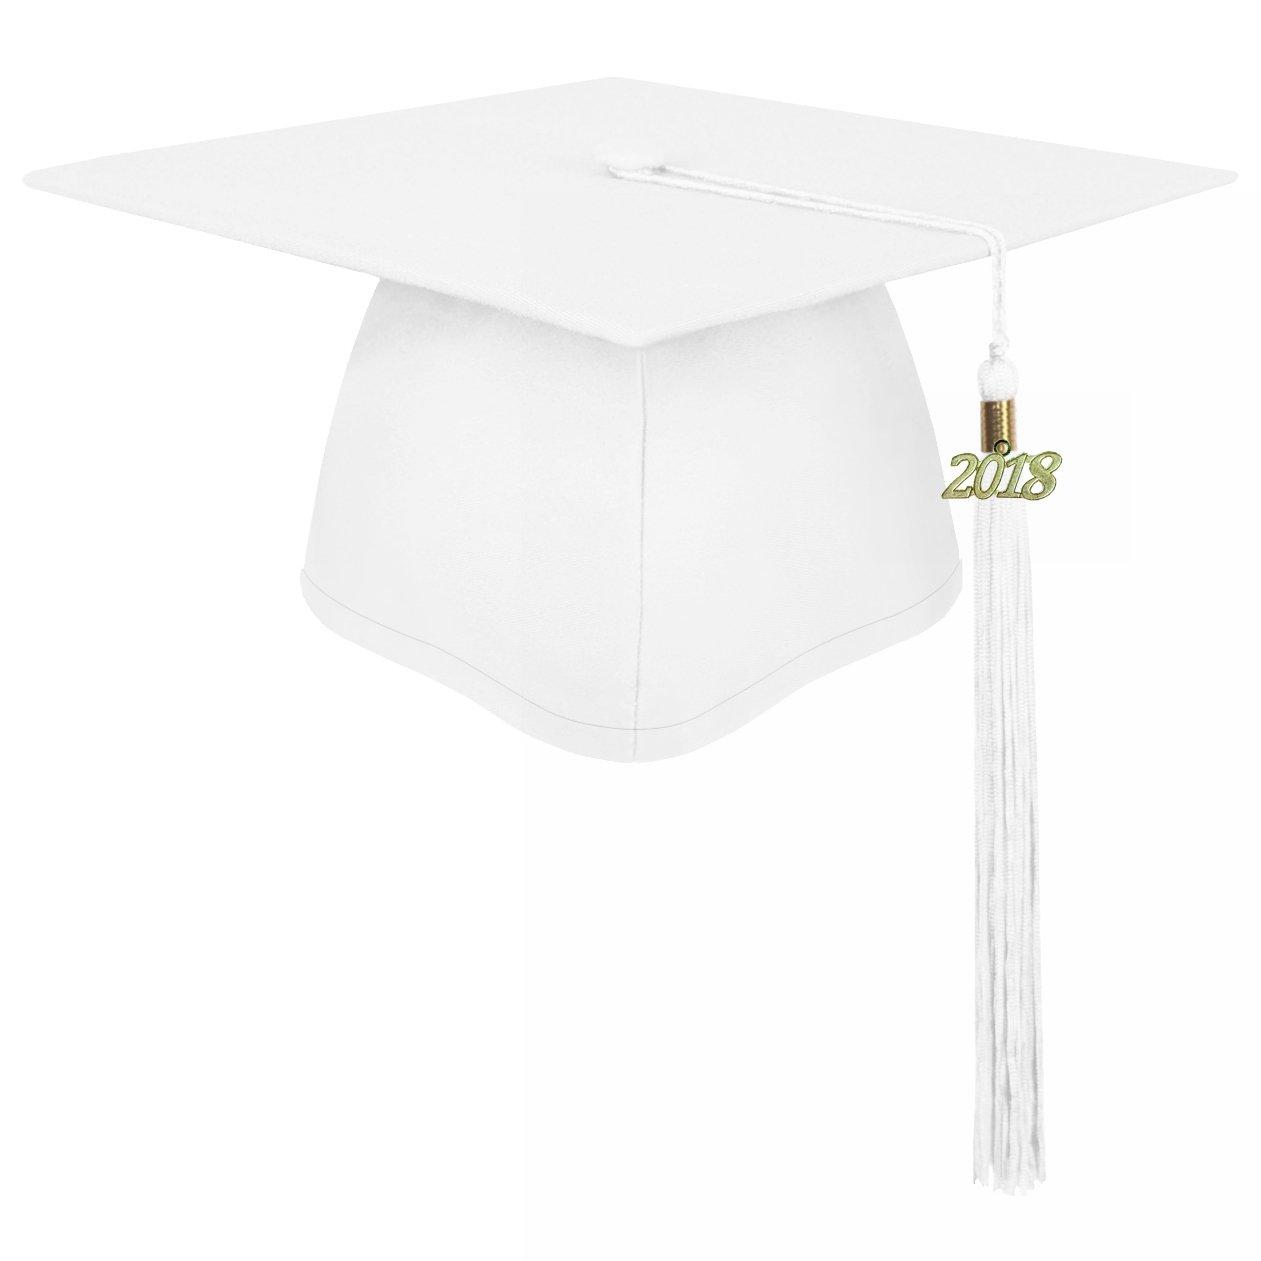 ab5dedcd12a lescapsgown Unisex Adult Graduation Cap Tassel 2018 Year Charm-Matte White